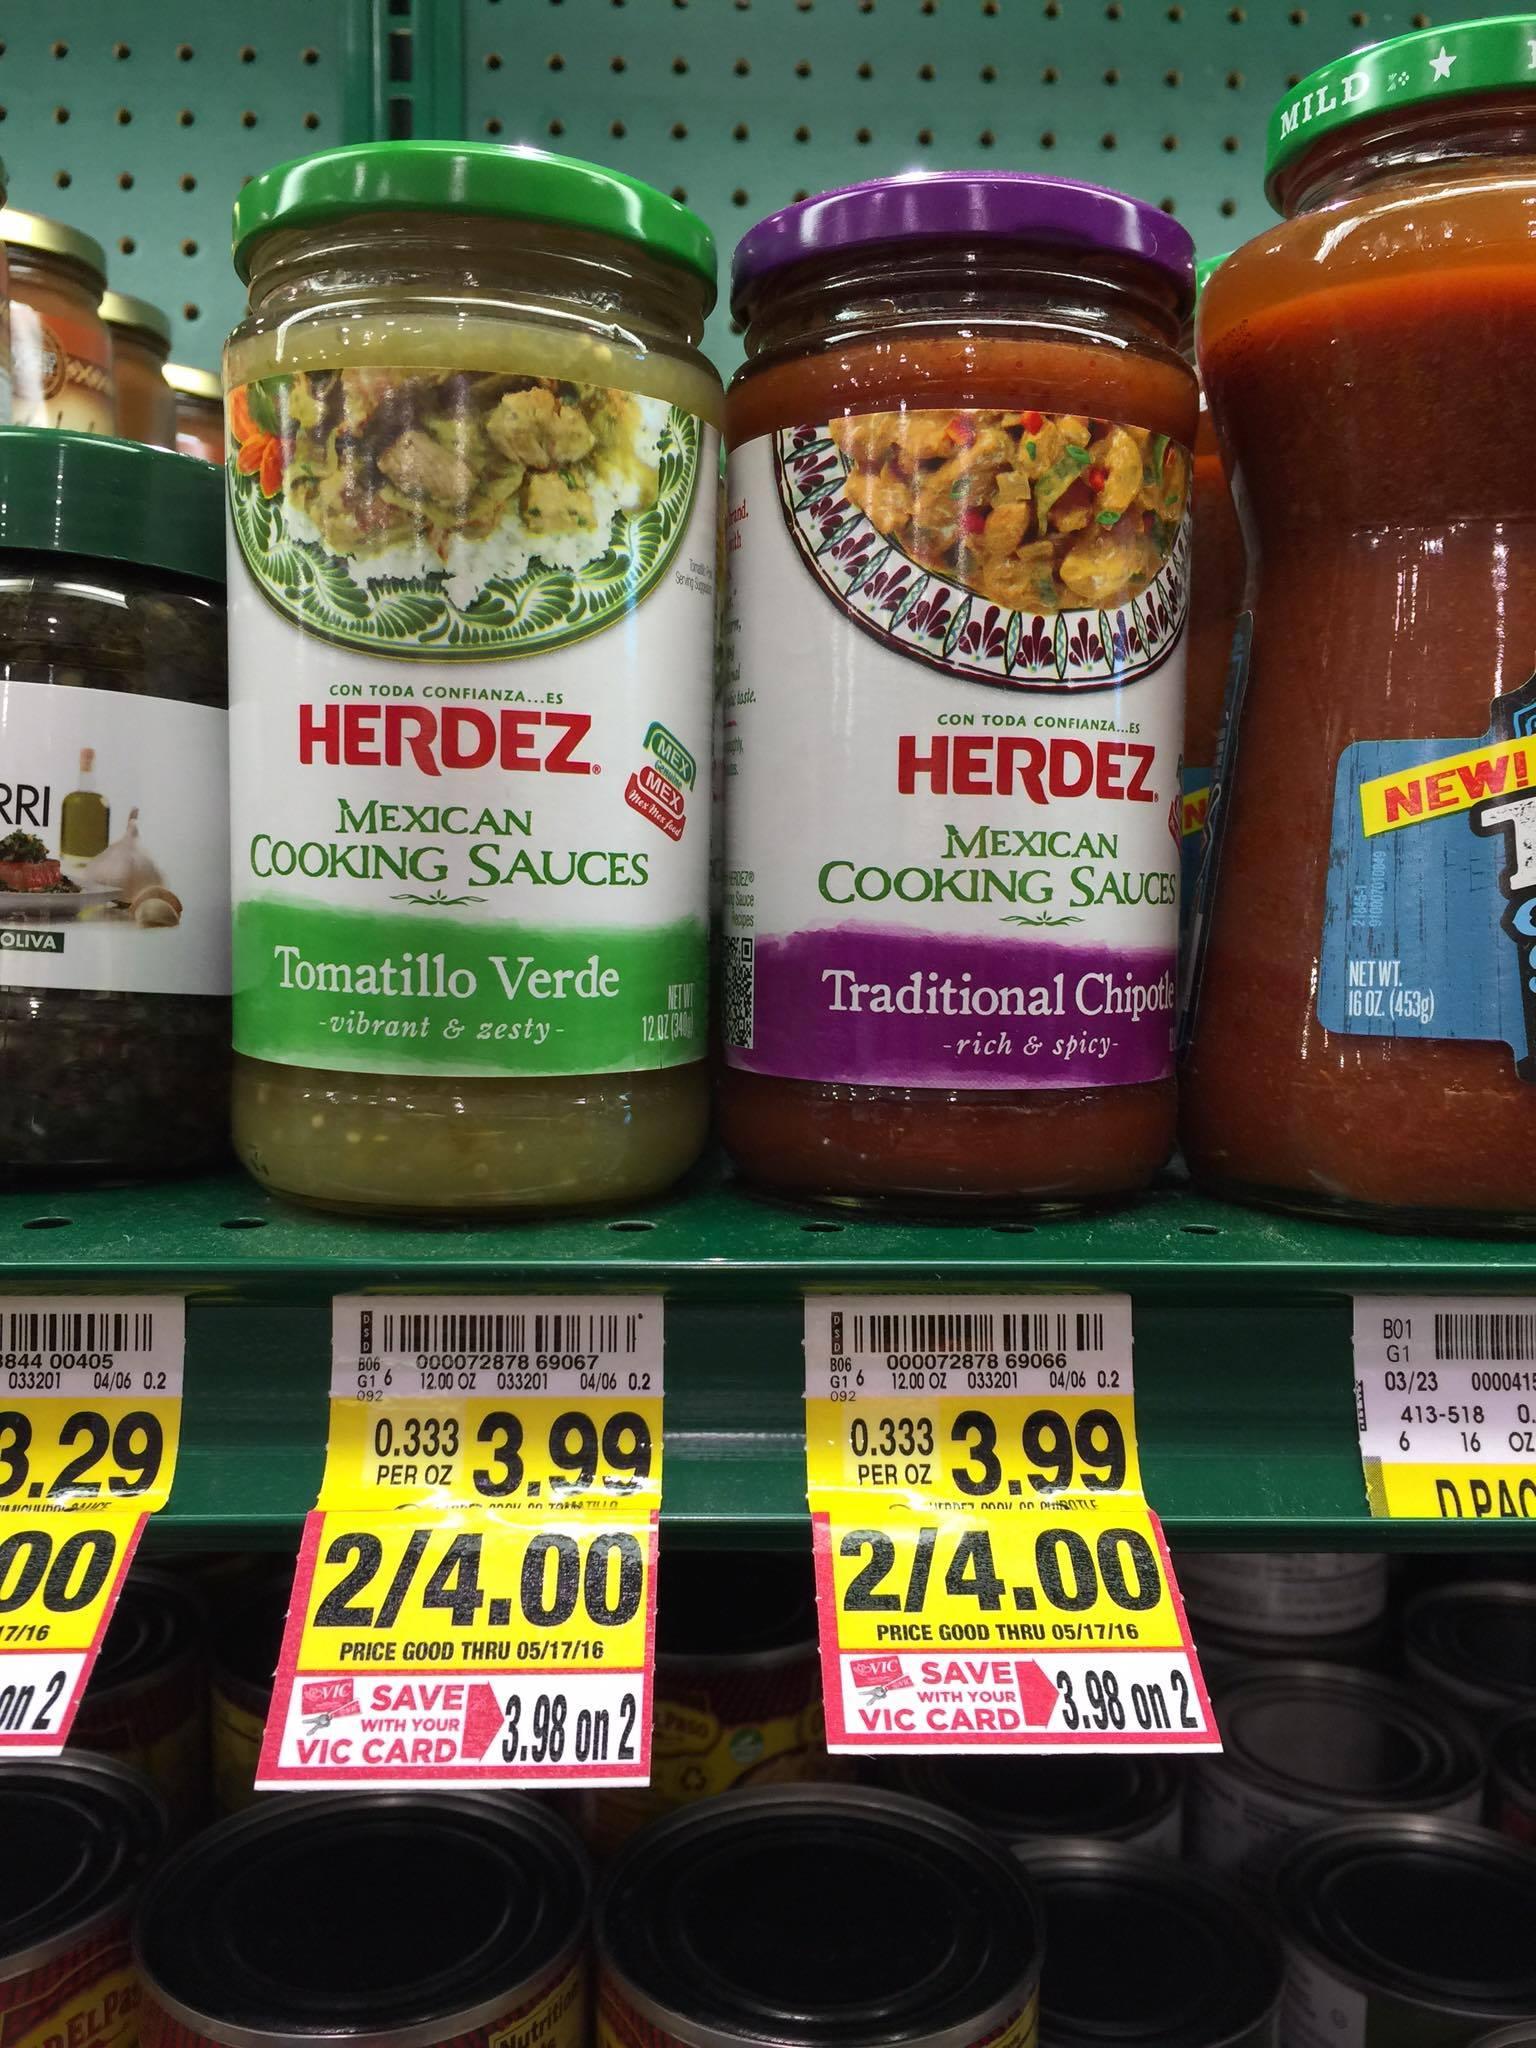 herdez cooking sauce